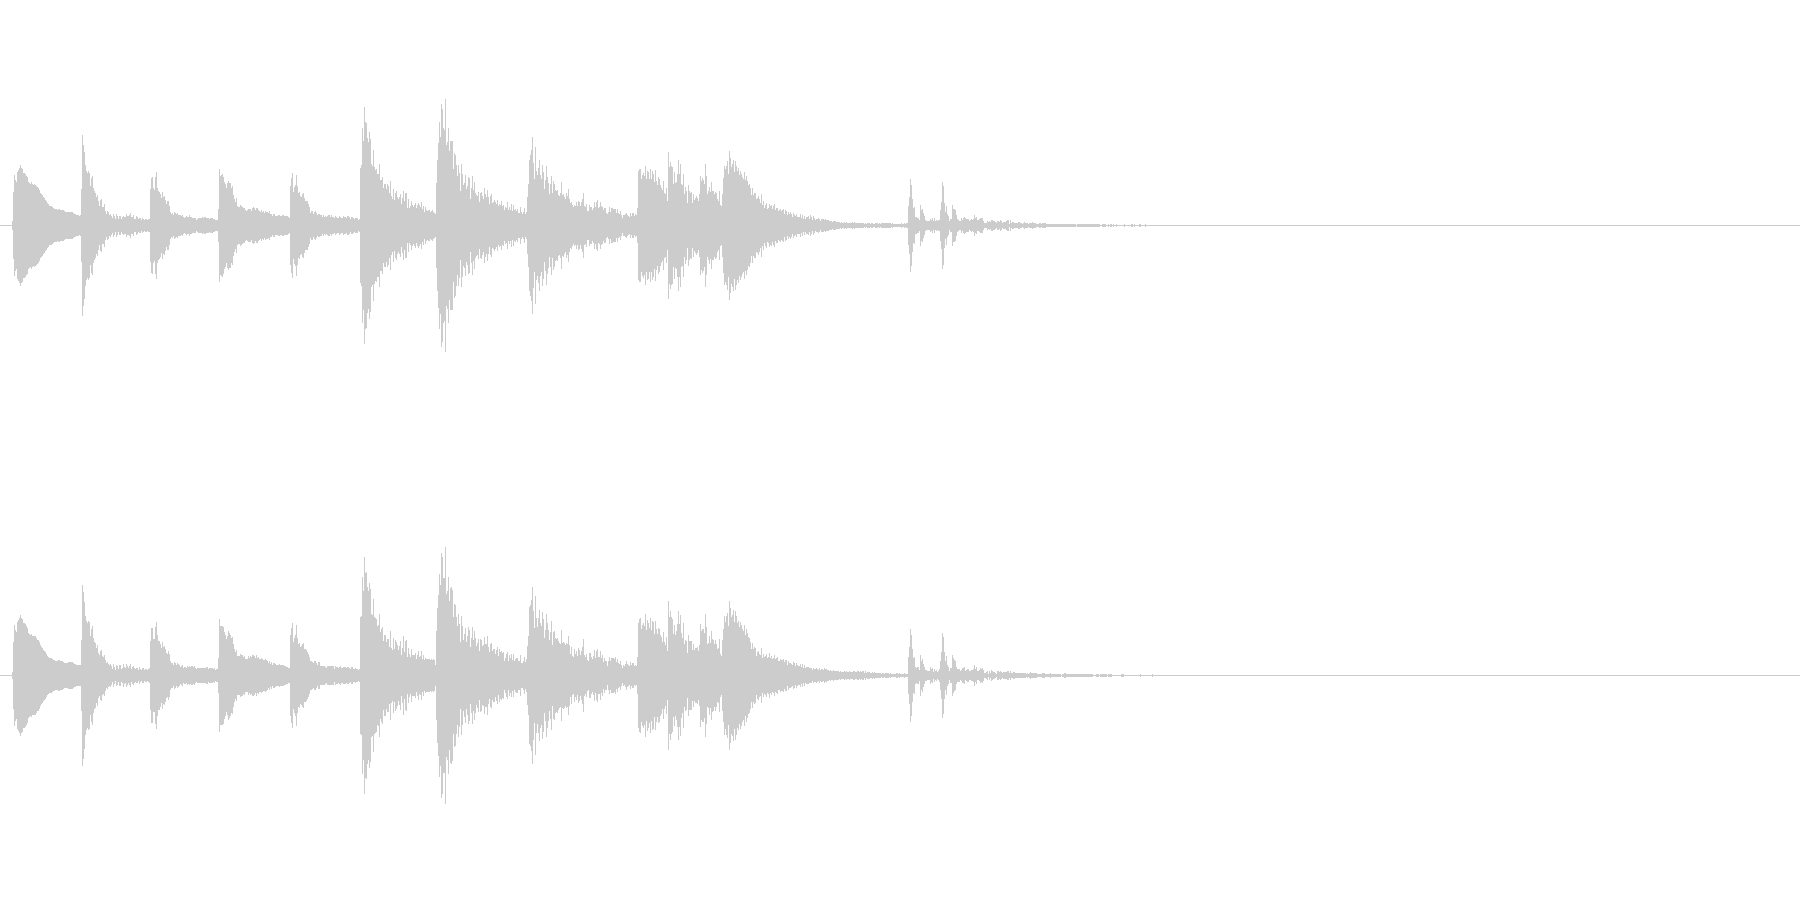 和風効果音 琴1(拍子木あり)の未再生の波形